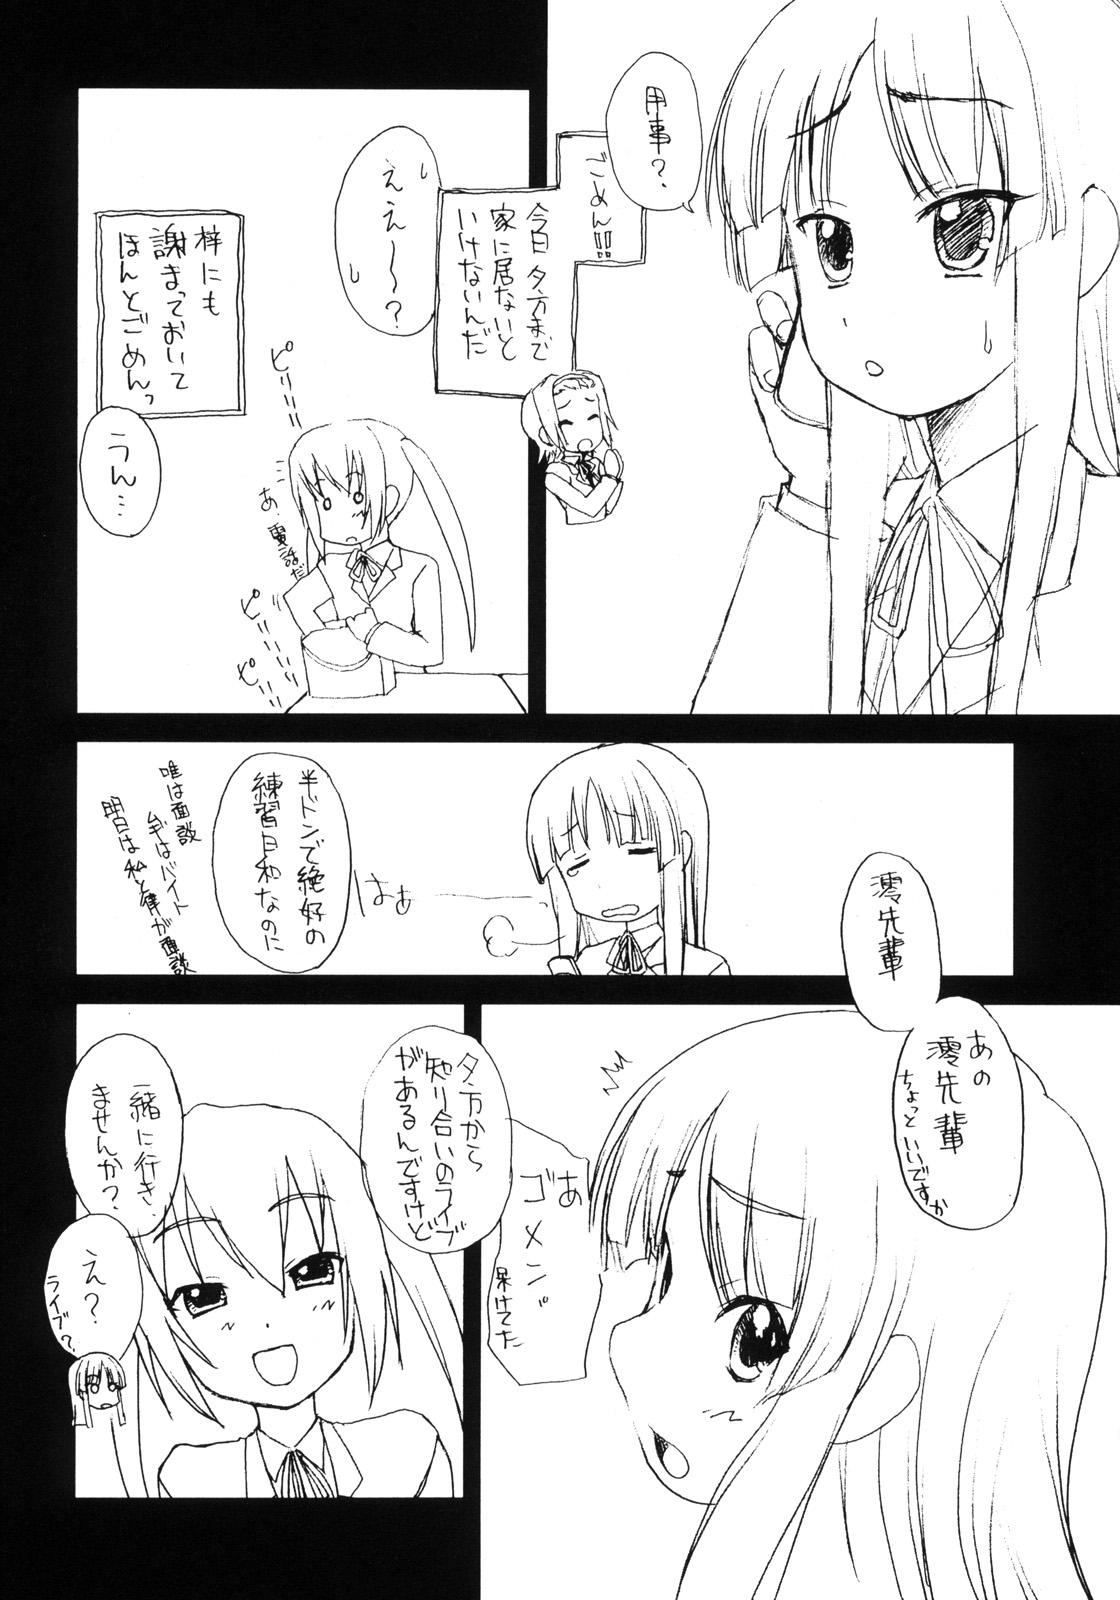 Mio no Onaka ni Dopyu Dopyu Shite Seieki Zuke ni Suru Hon 3